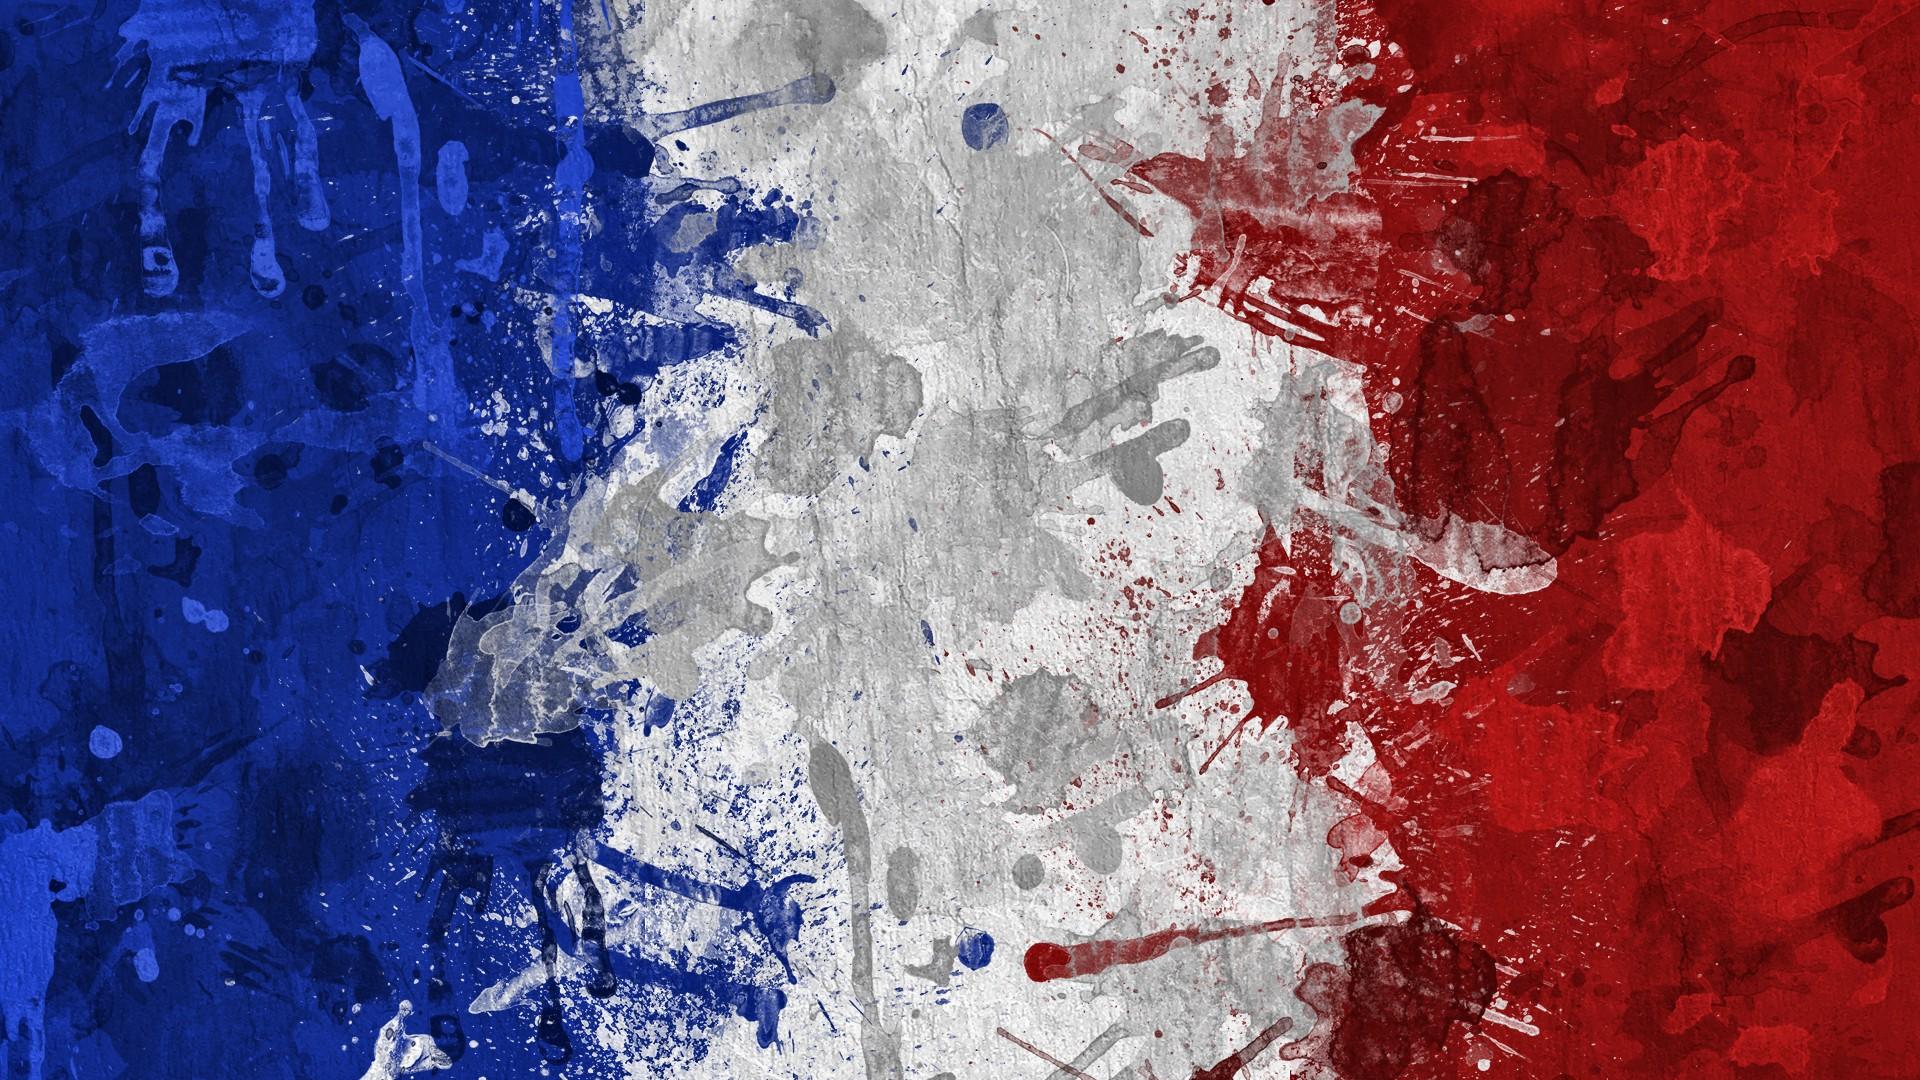 Fond Décran La Peinture Blanc Rouge Ouvrages Dart Bleu La